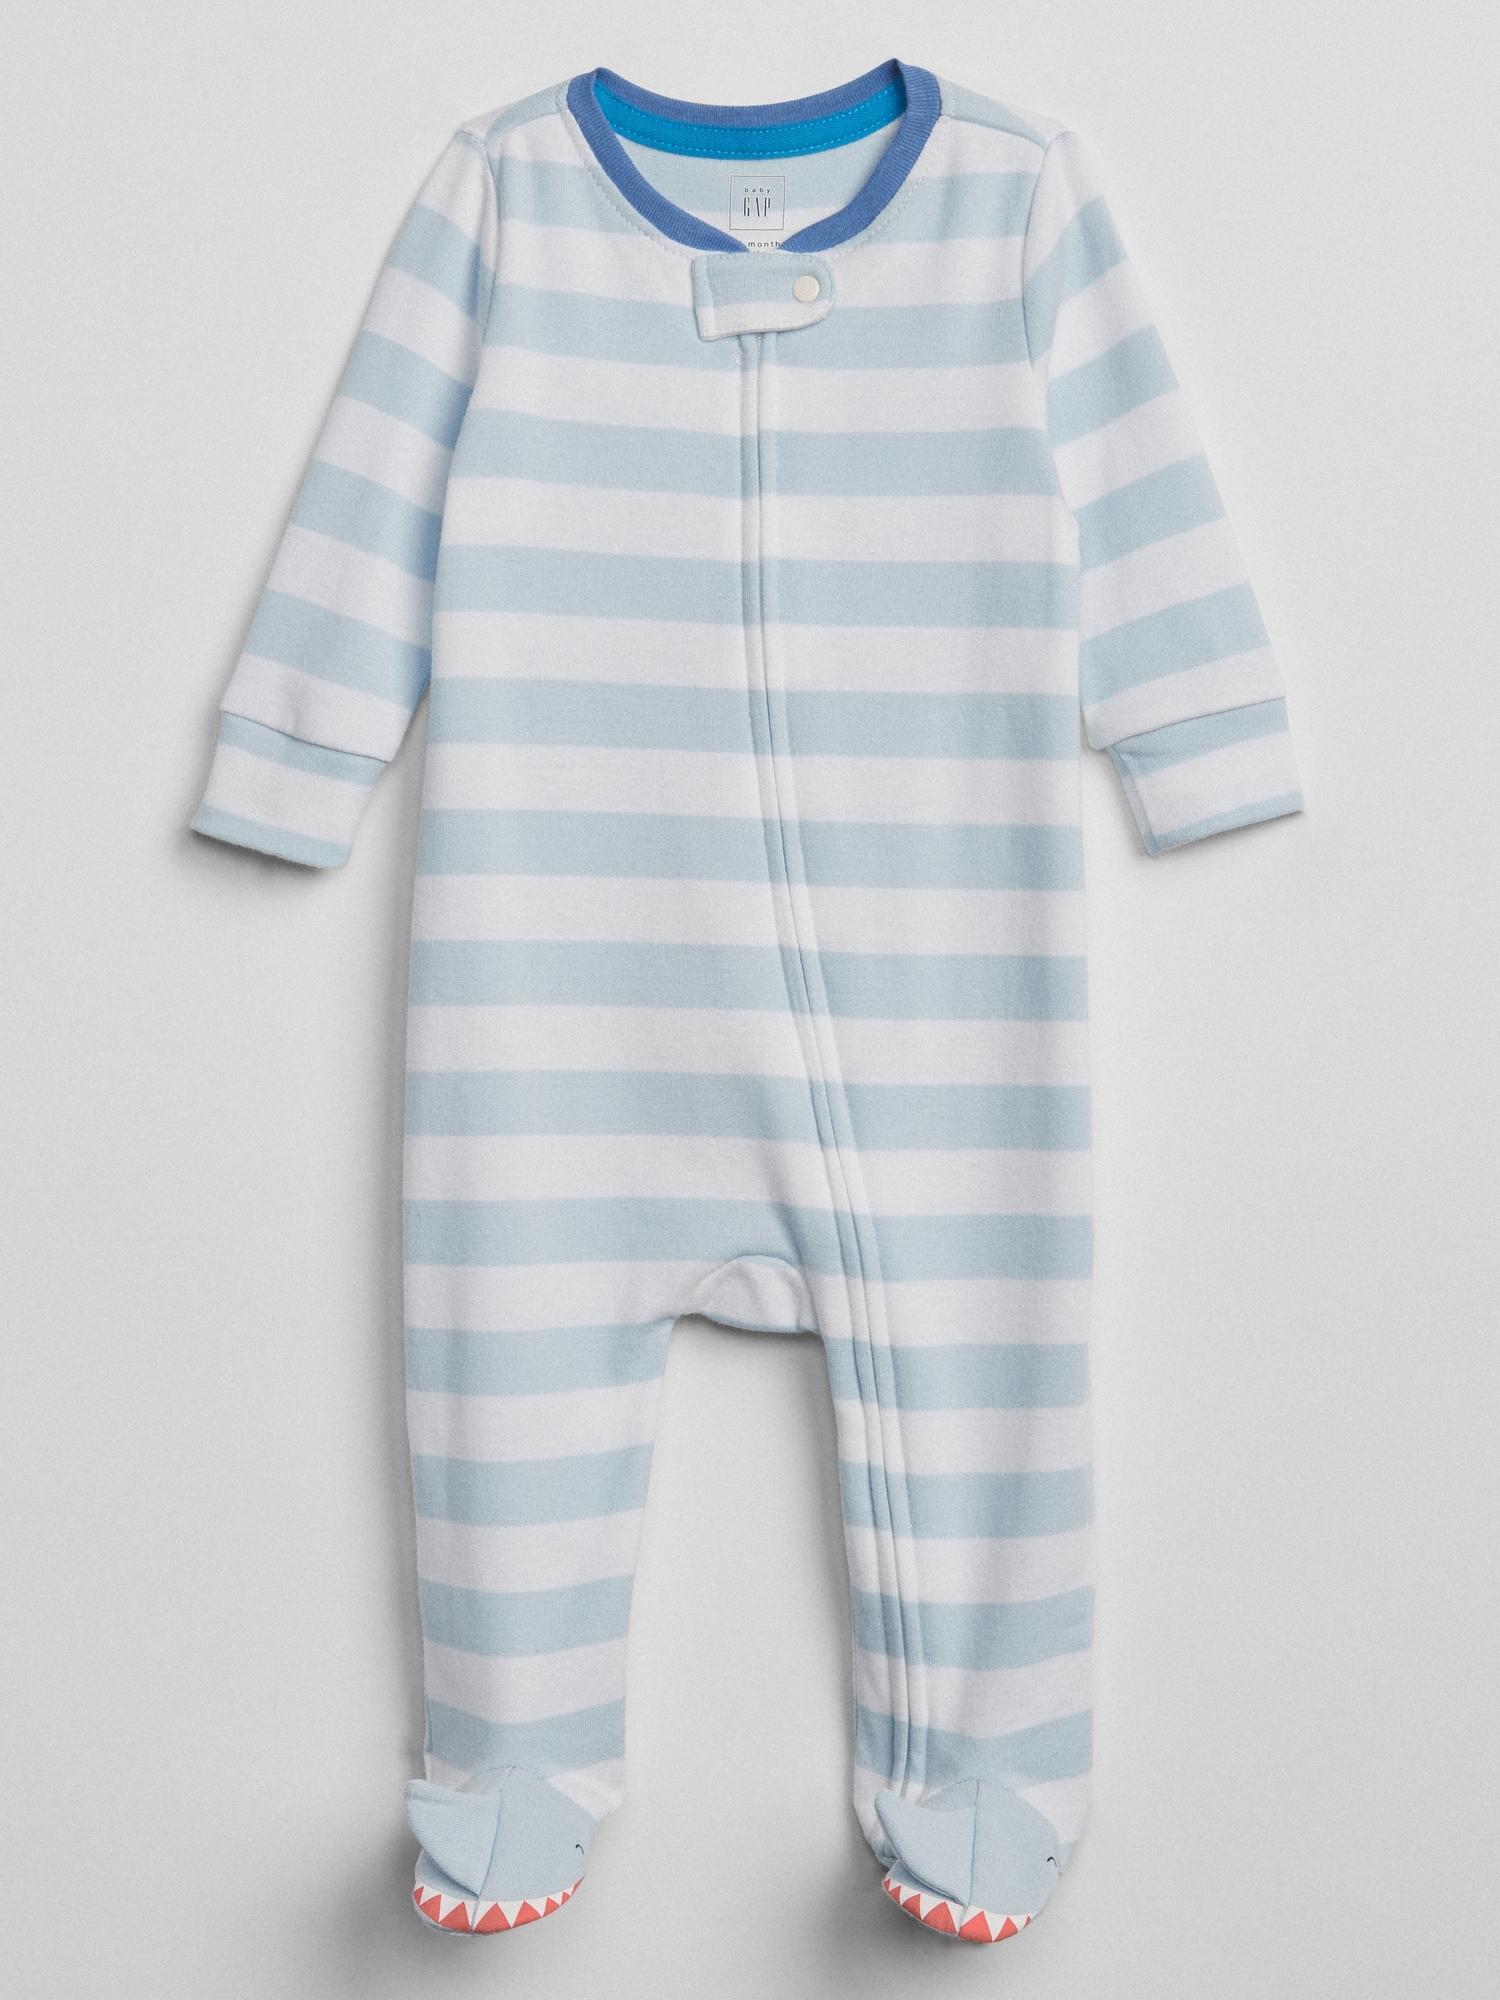 pajamas adult wonder pjs pin footie onesies jumpinjammerz warner sleeper sleepers bros piece woman one com